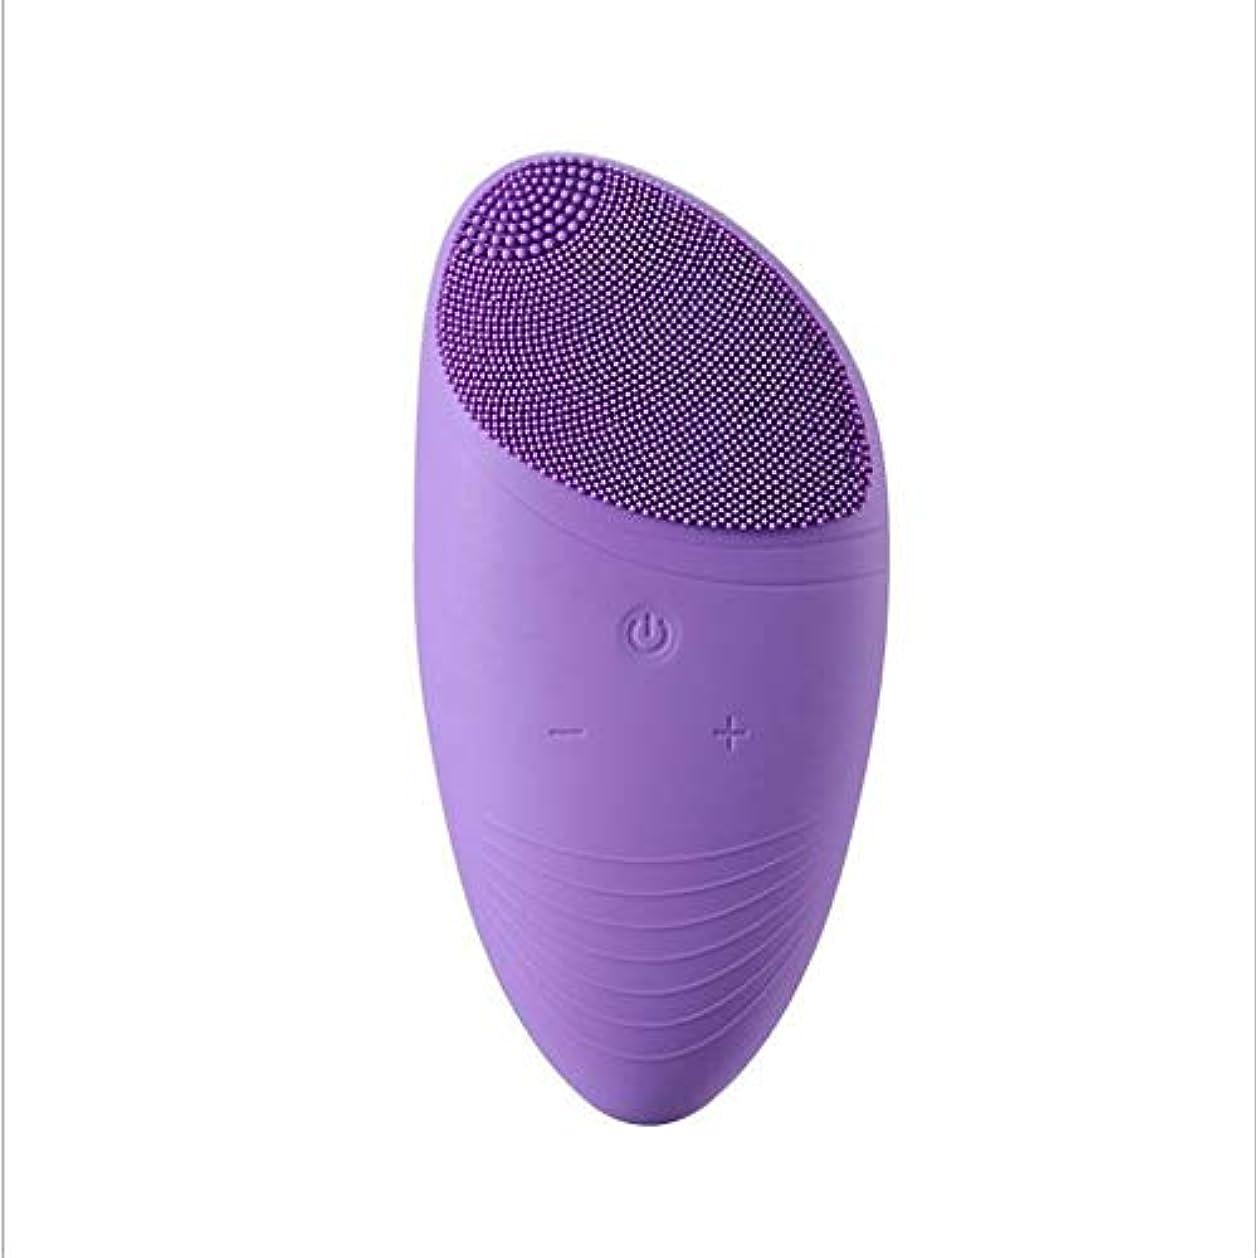 酸度アーティキュレーション犯す洗顔ブラシ、電気シリコーン充電式防水アンチエイジングスキンクレンザーと男性&女性のためのディープエクスフォリエーターのメイクツールマッサージャーソニックフェイス (Color : 紫の)